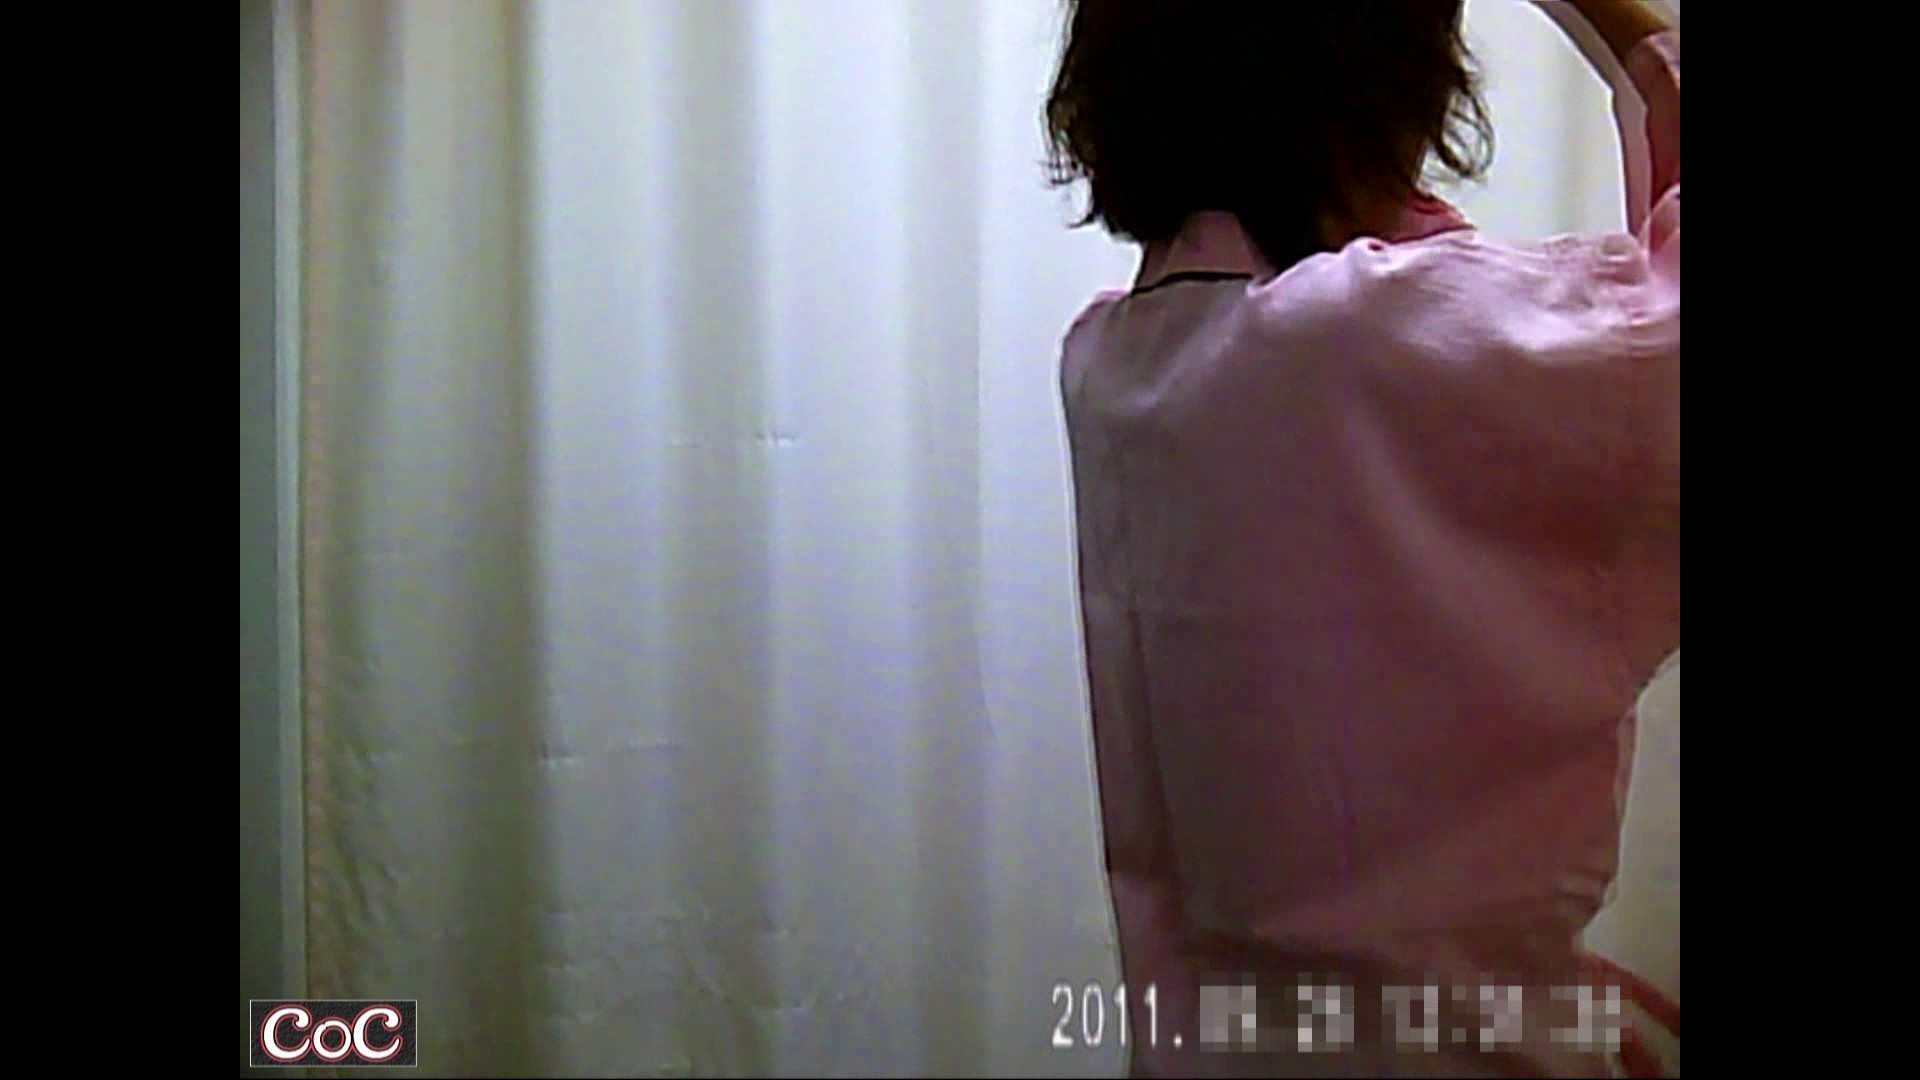 病院おもいっきり着替え! vol.35 美女OL オマンコ無修正動画無料 55連発 44